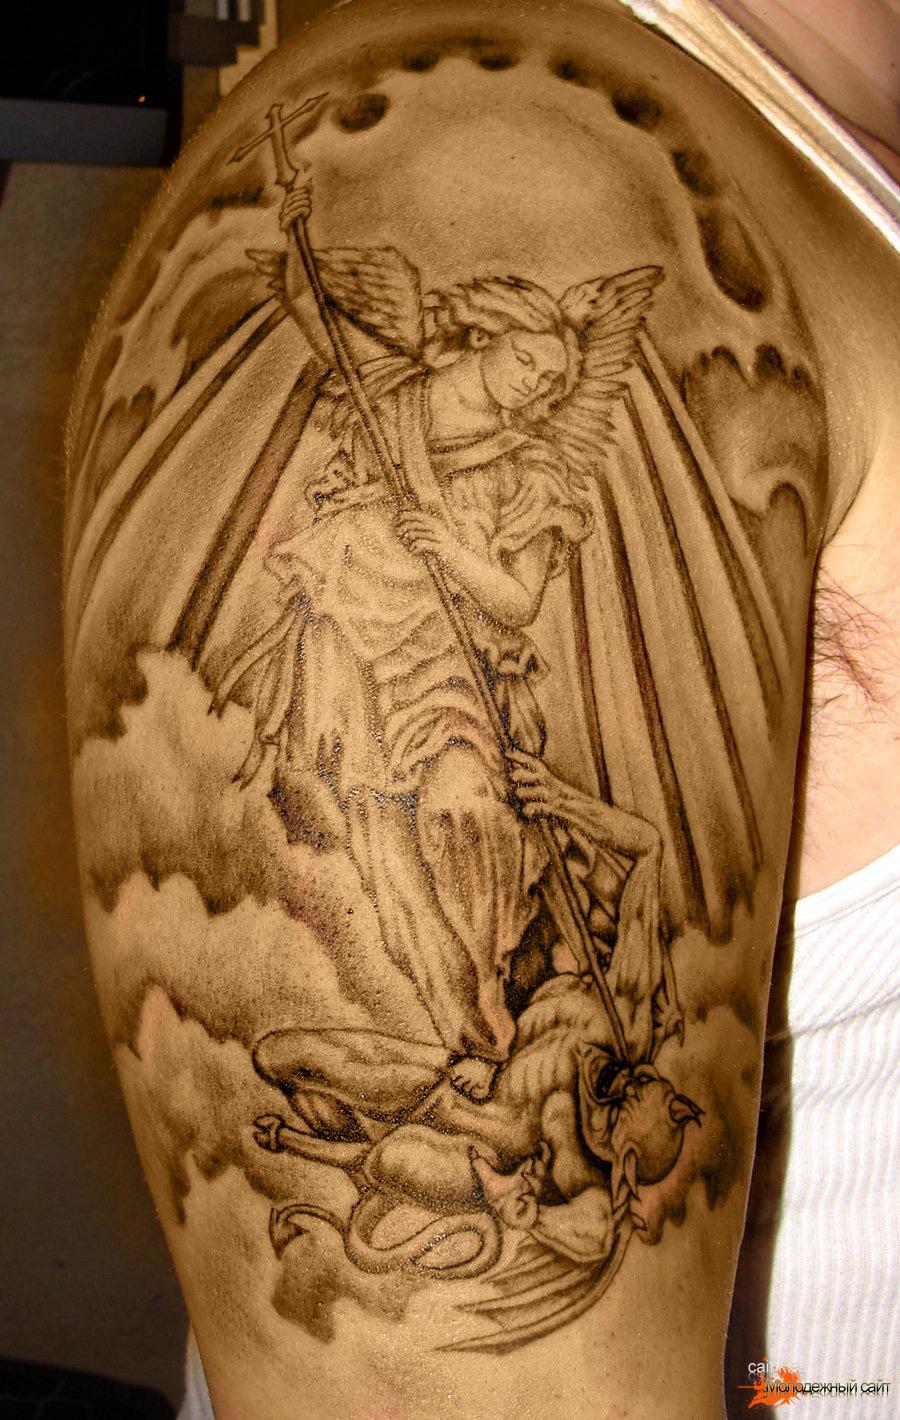 татуировки архангела михаила и их значение